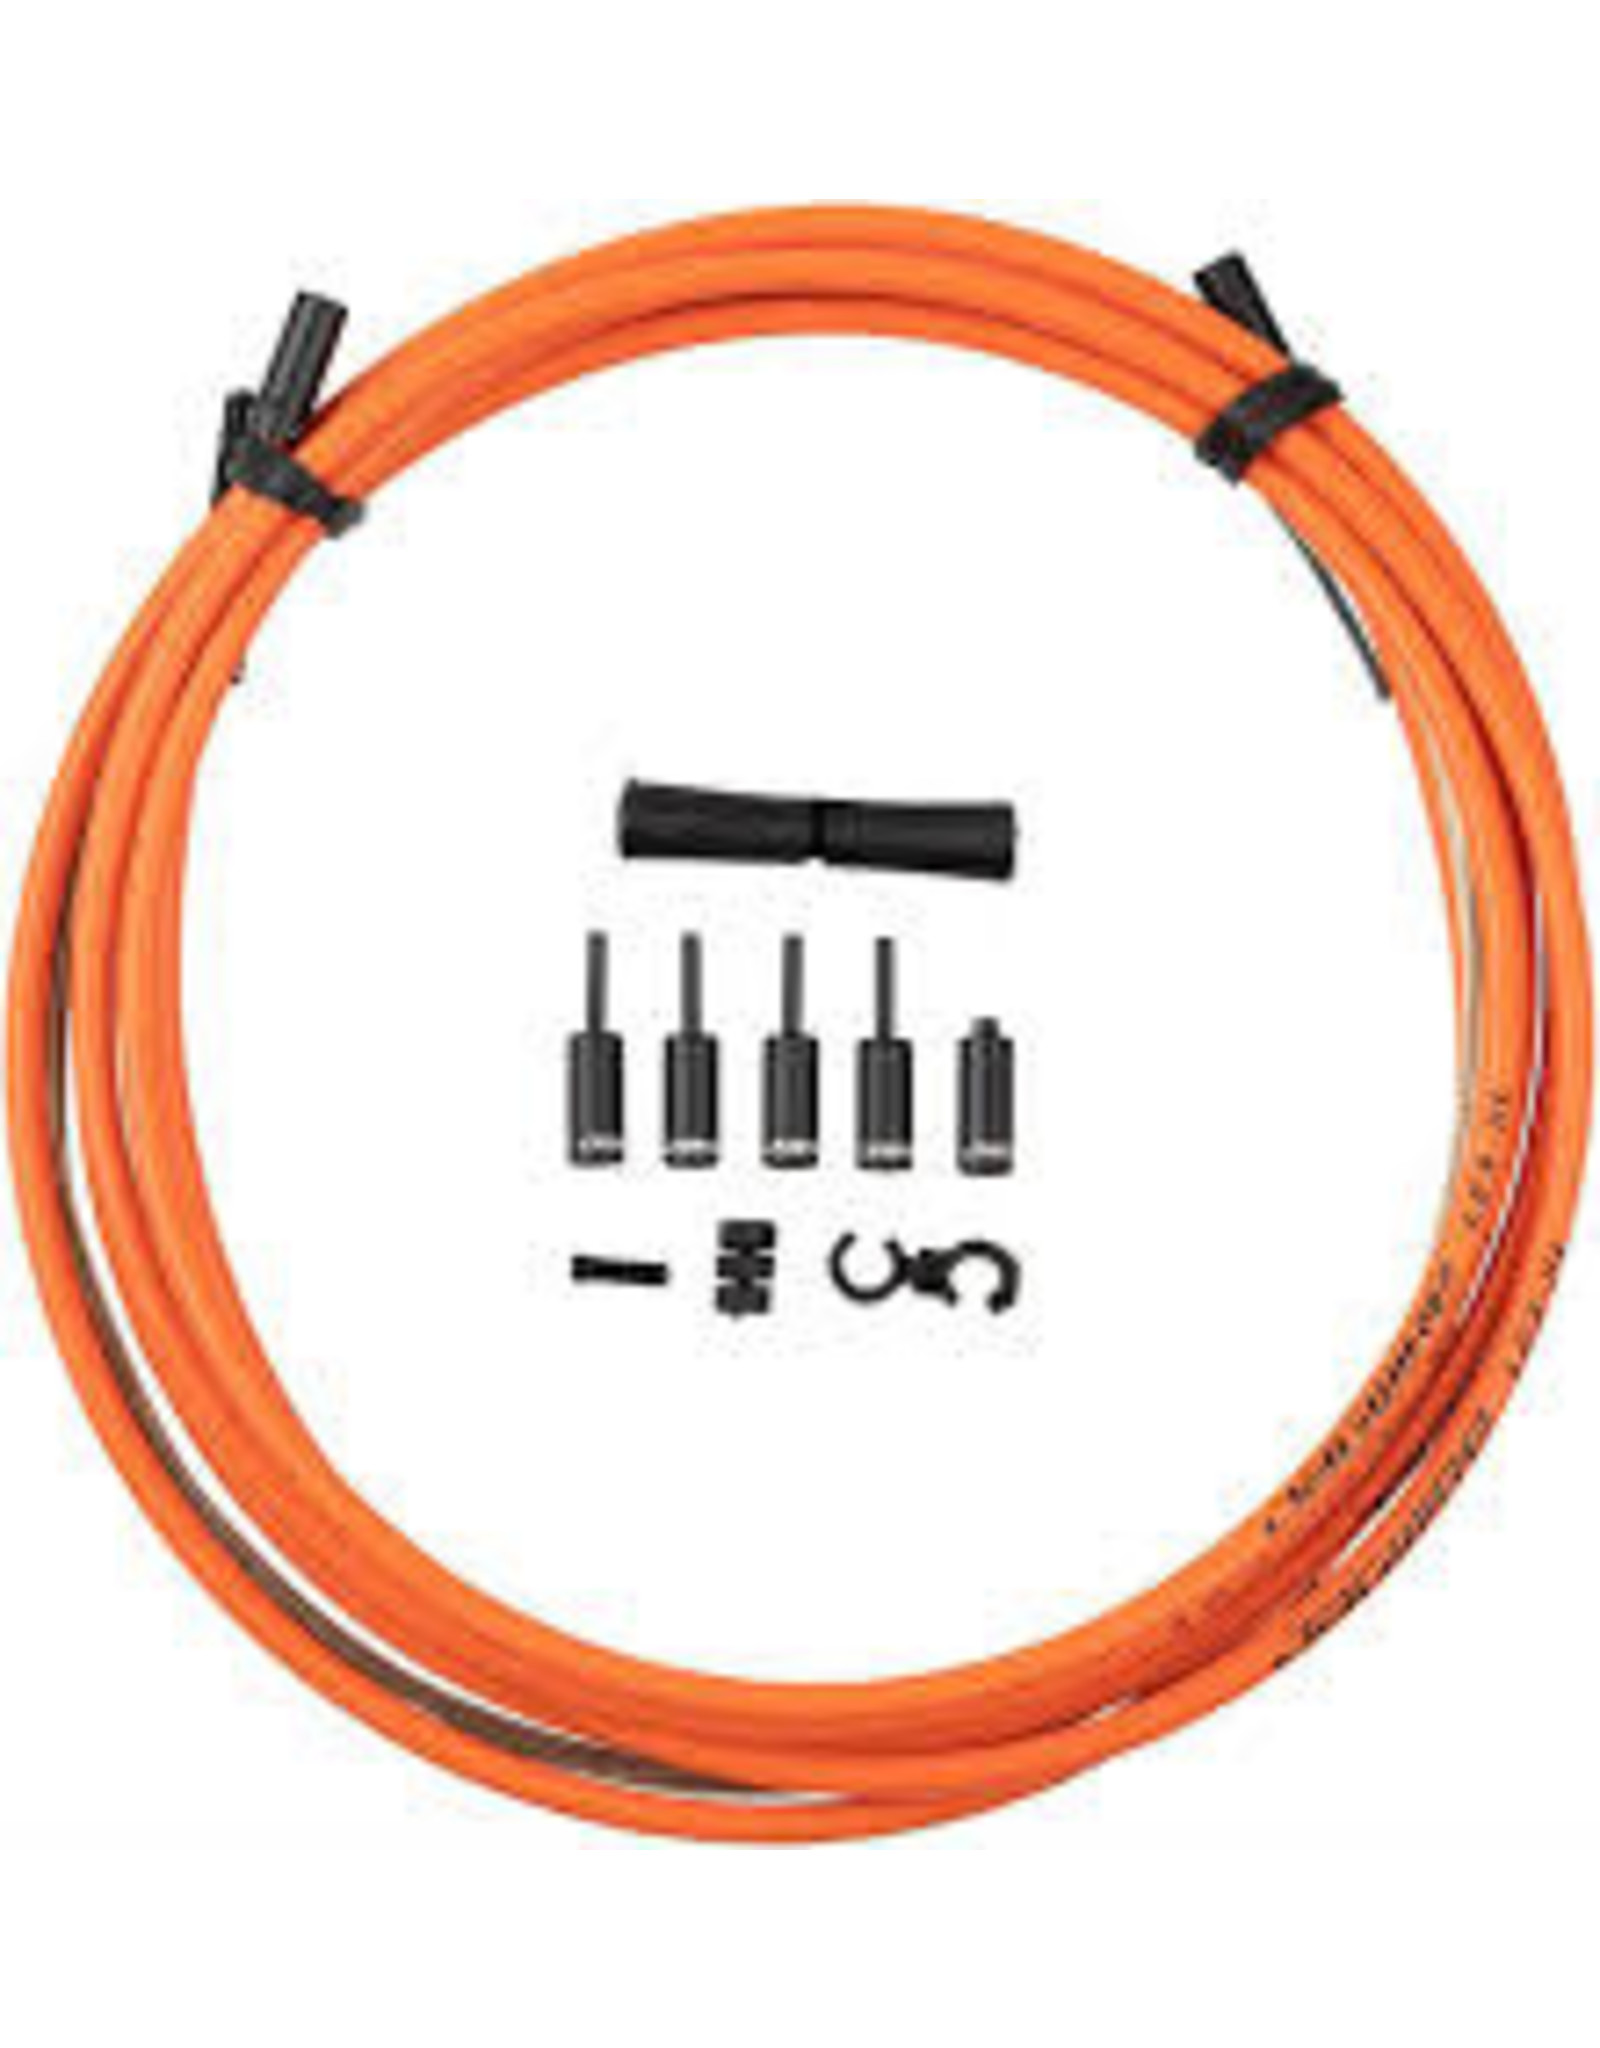 Jagwire Cable Jagwire 1x Pro Shift Kit Road/Mountain SRAM/Shimano, Orange